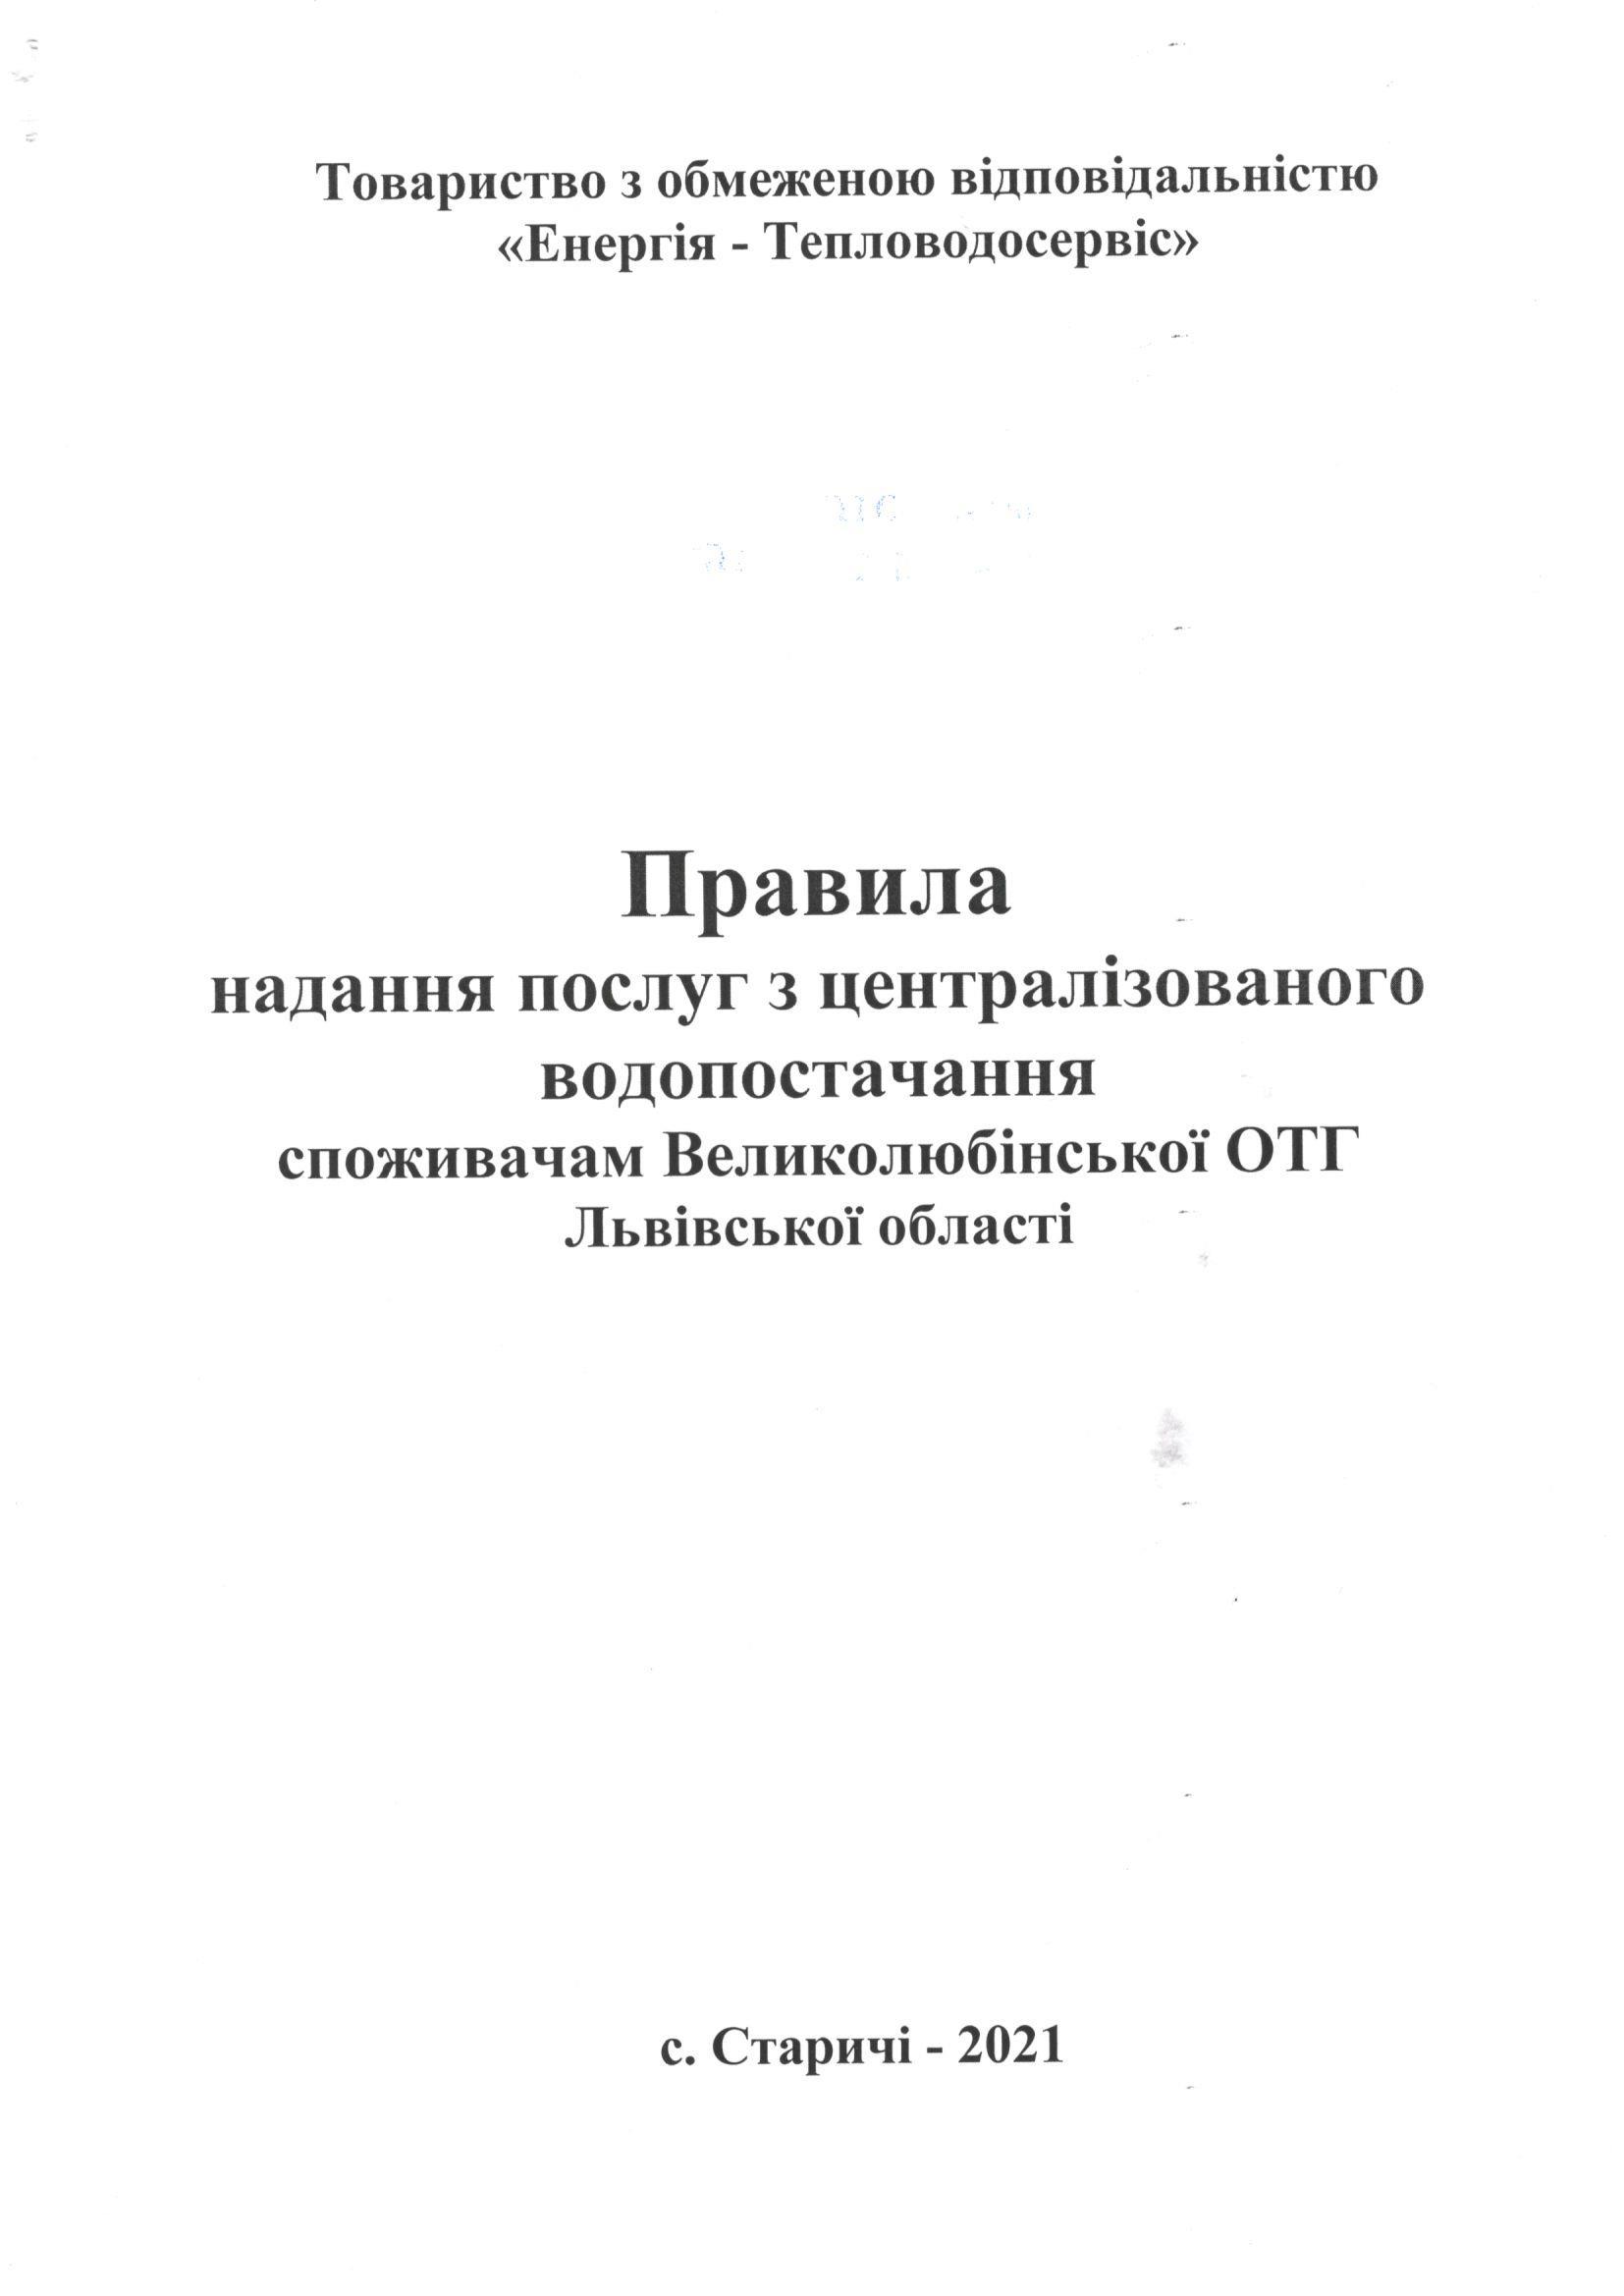 Правила надання послуг з централізованого водопостачання споживачам Великолюбінської ОТГ Львівської області